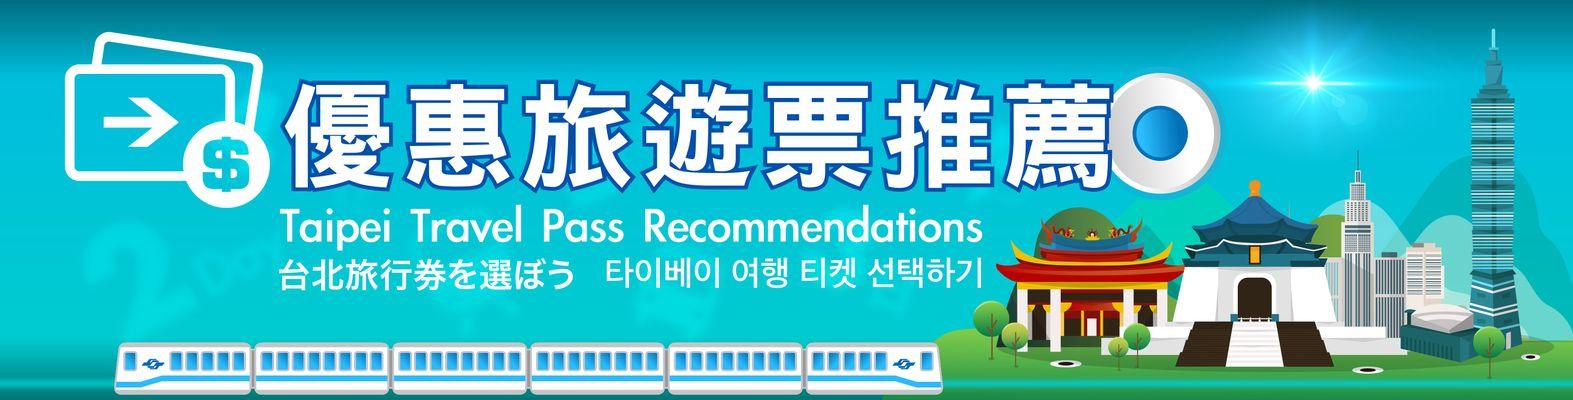 優惠旅遊票推薦